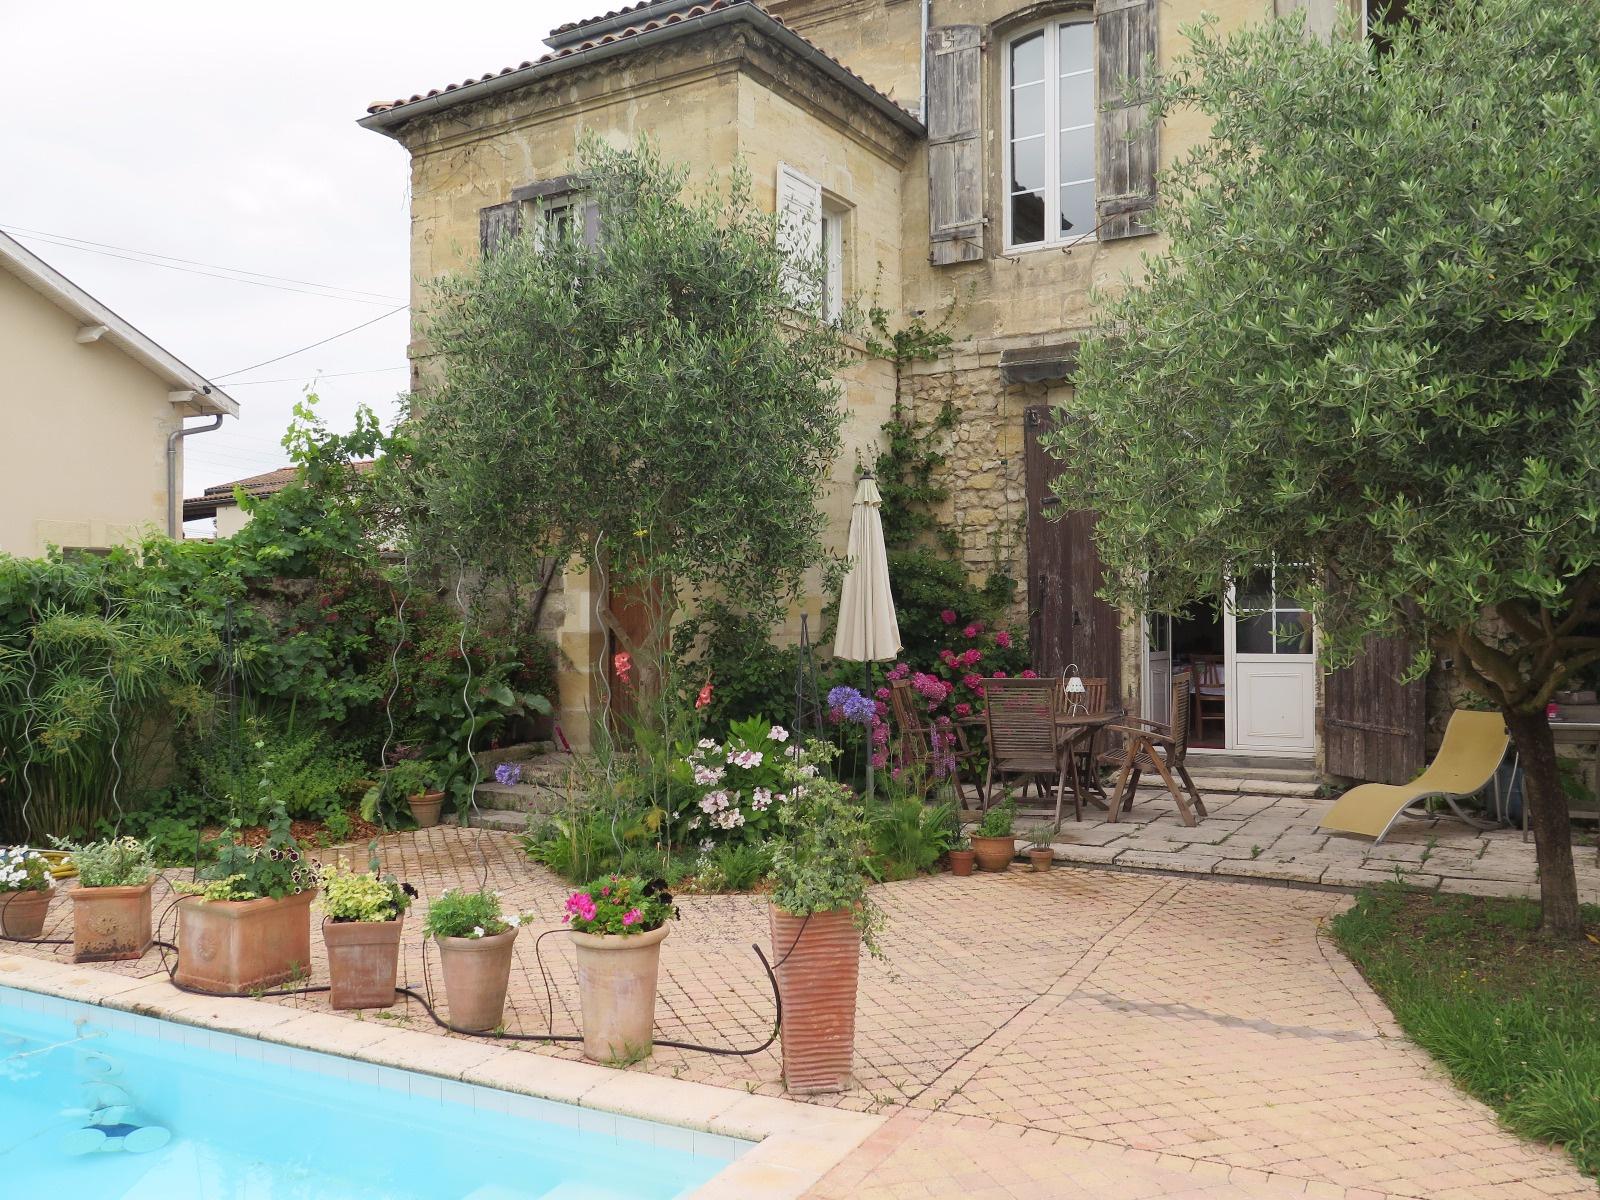 Vente maison en pierre 3 chambres jardin piscine begles - Jardin paysager prix bordeaux ...